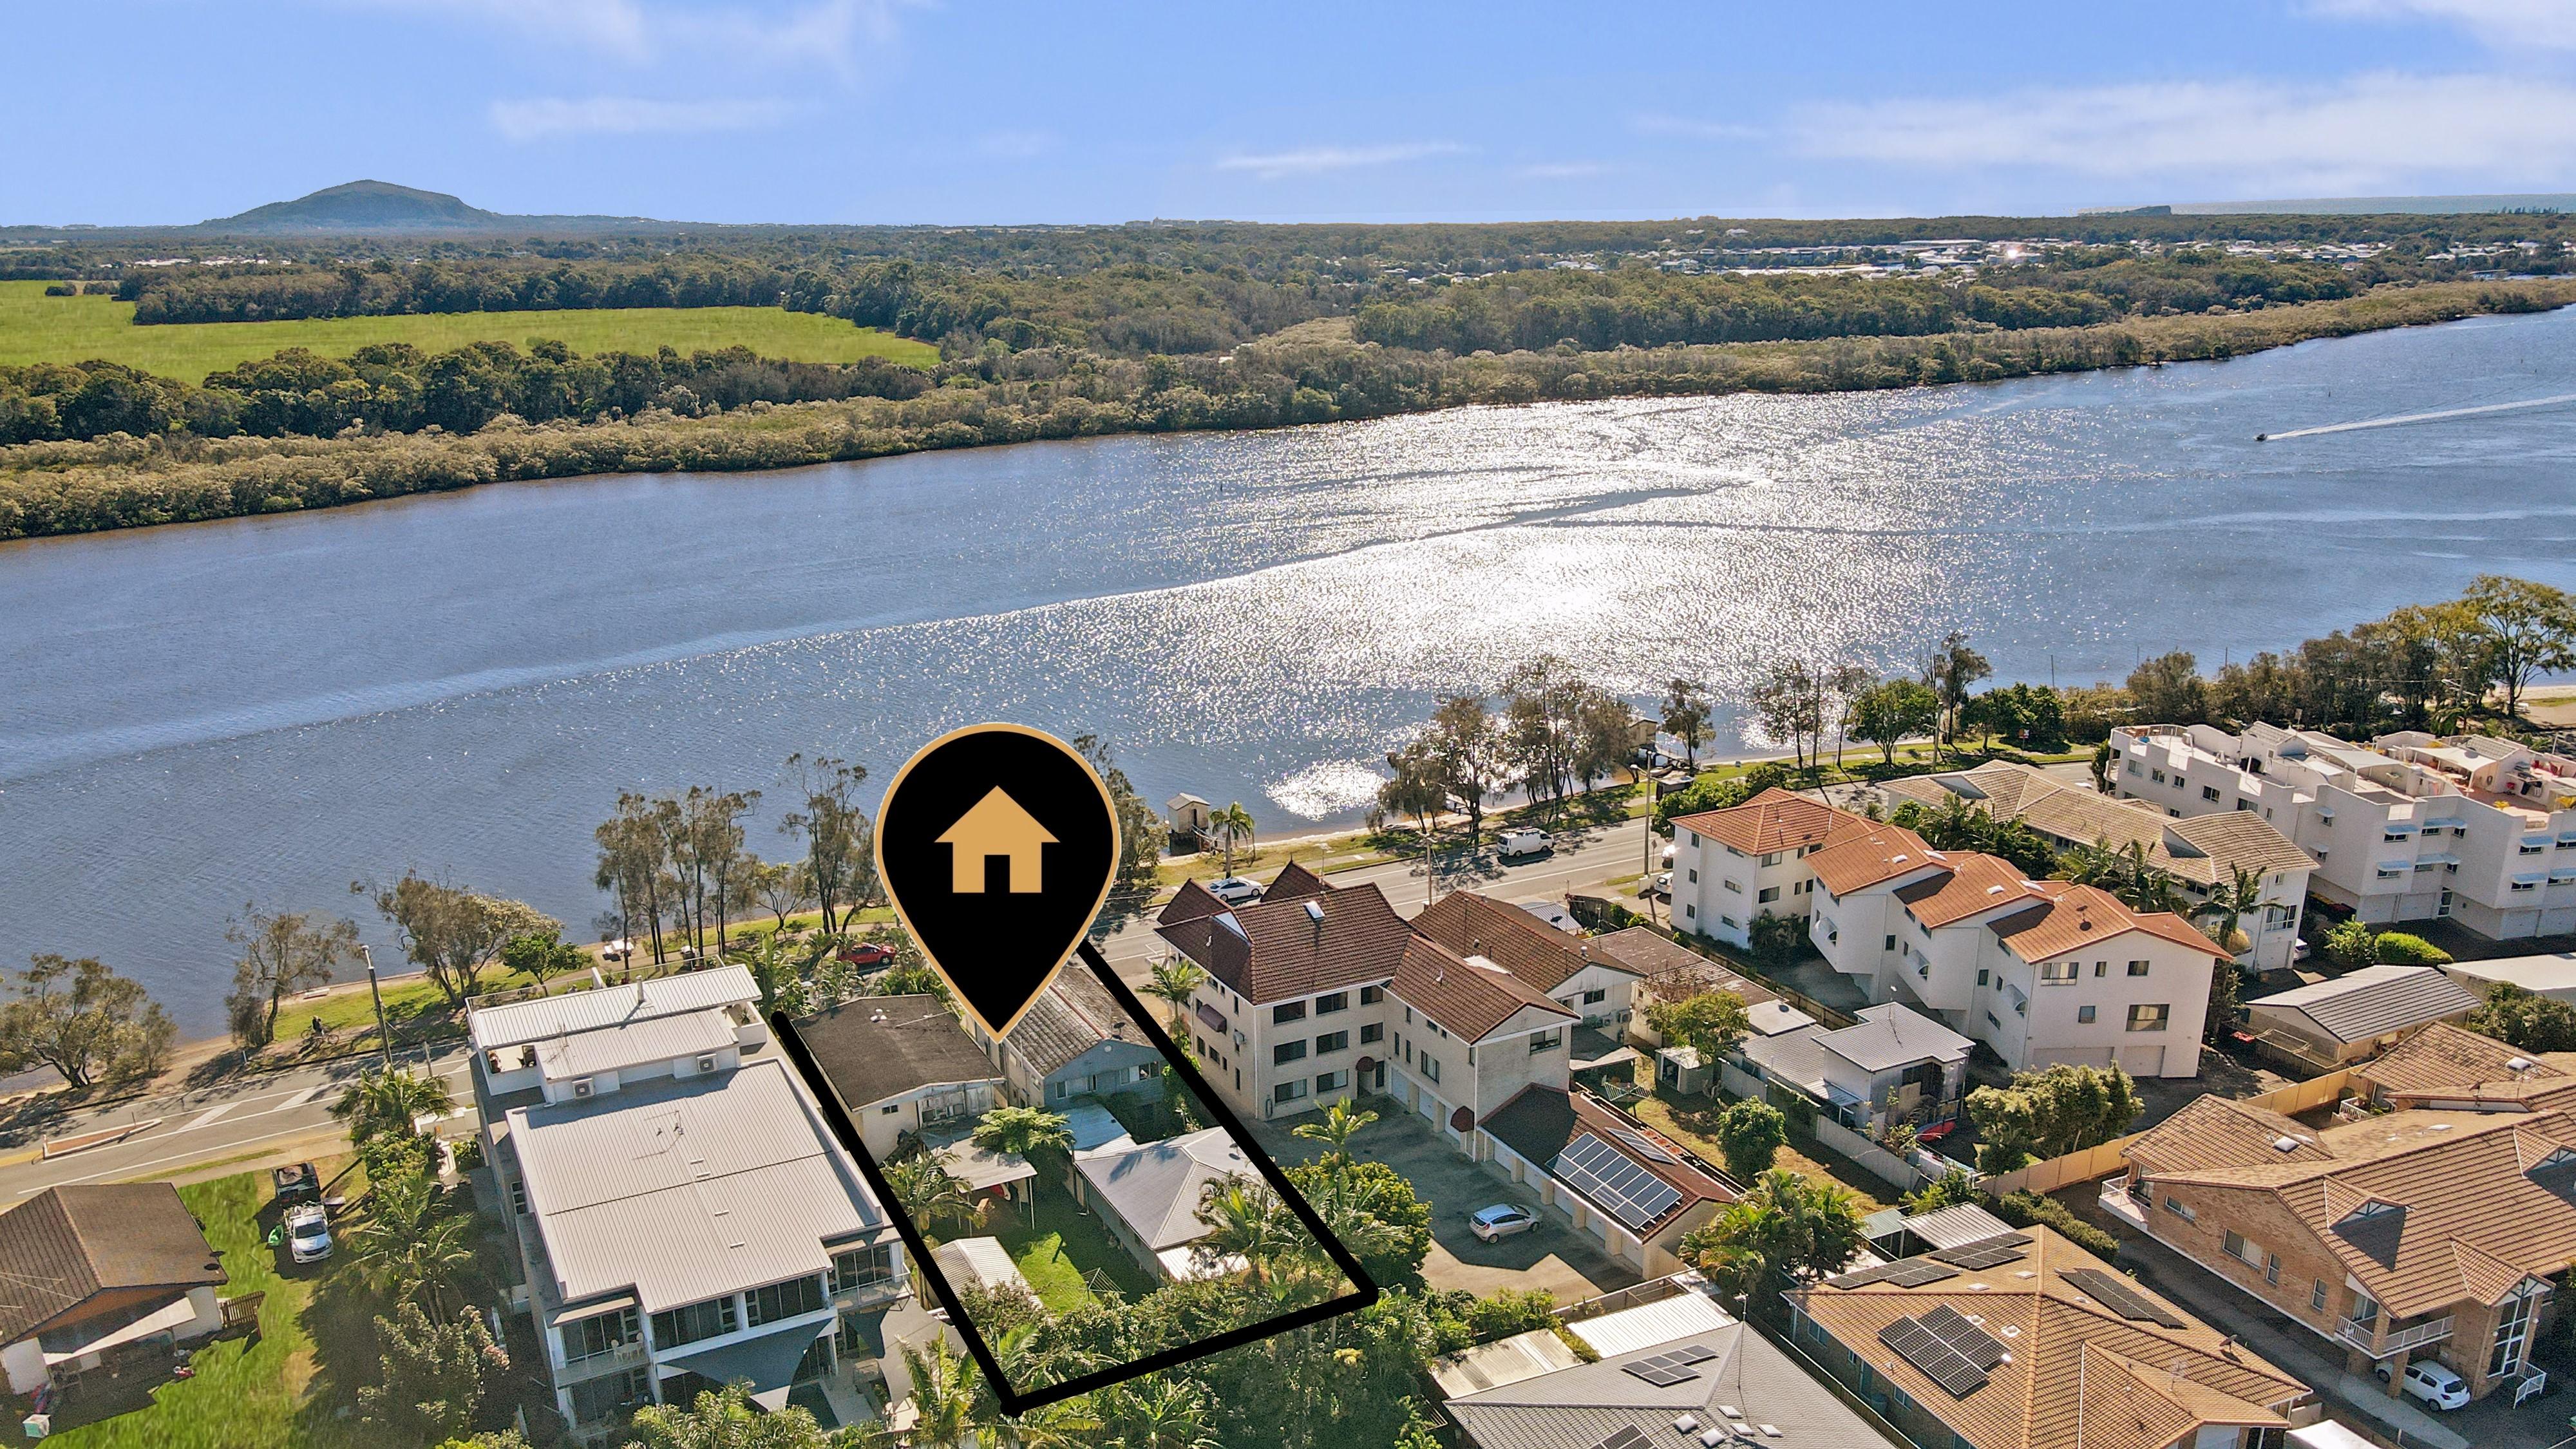 9 Sustainable Luxury House-sized Apartments